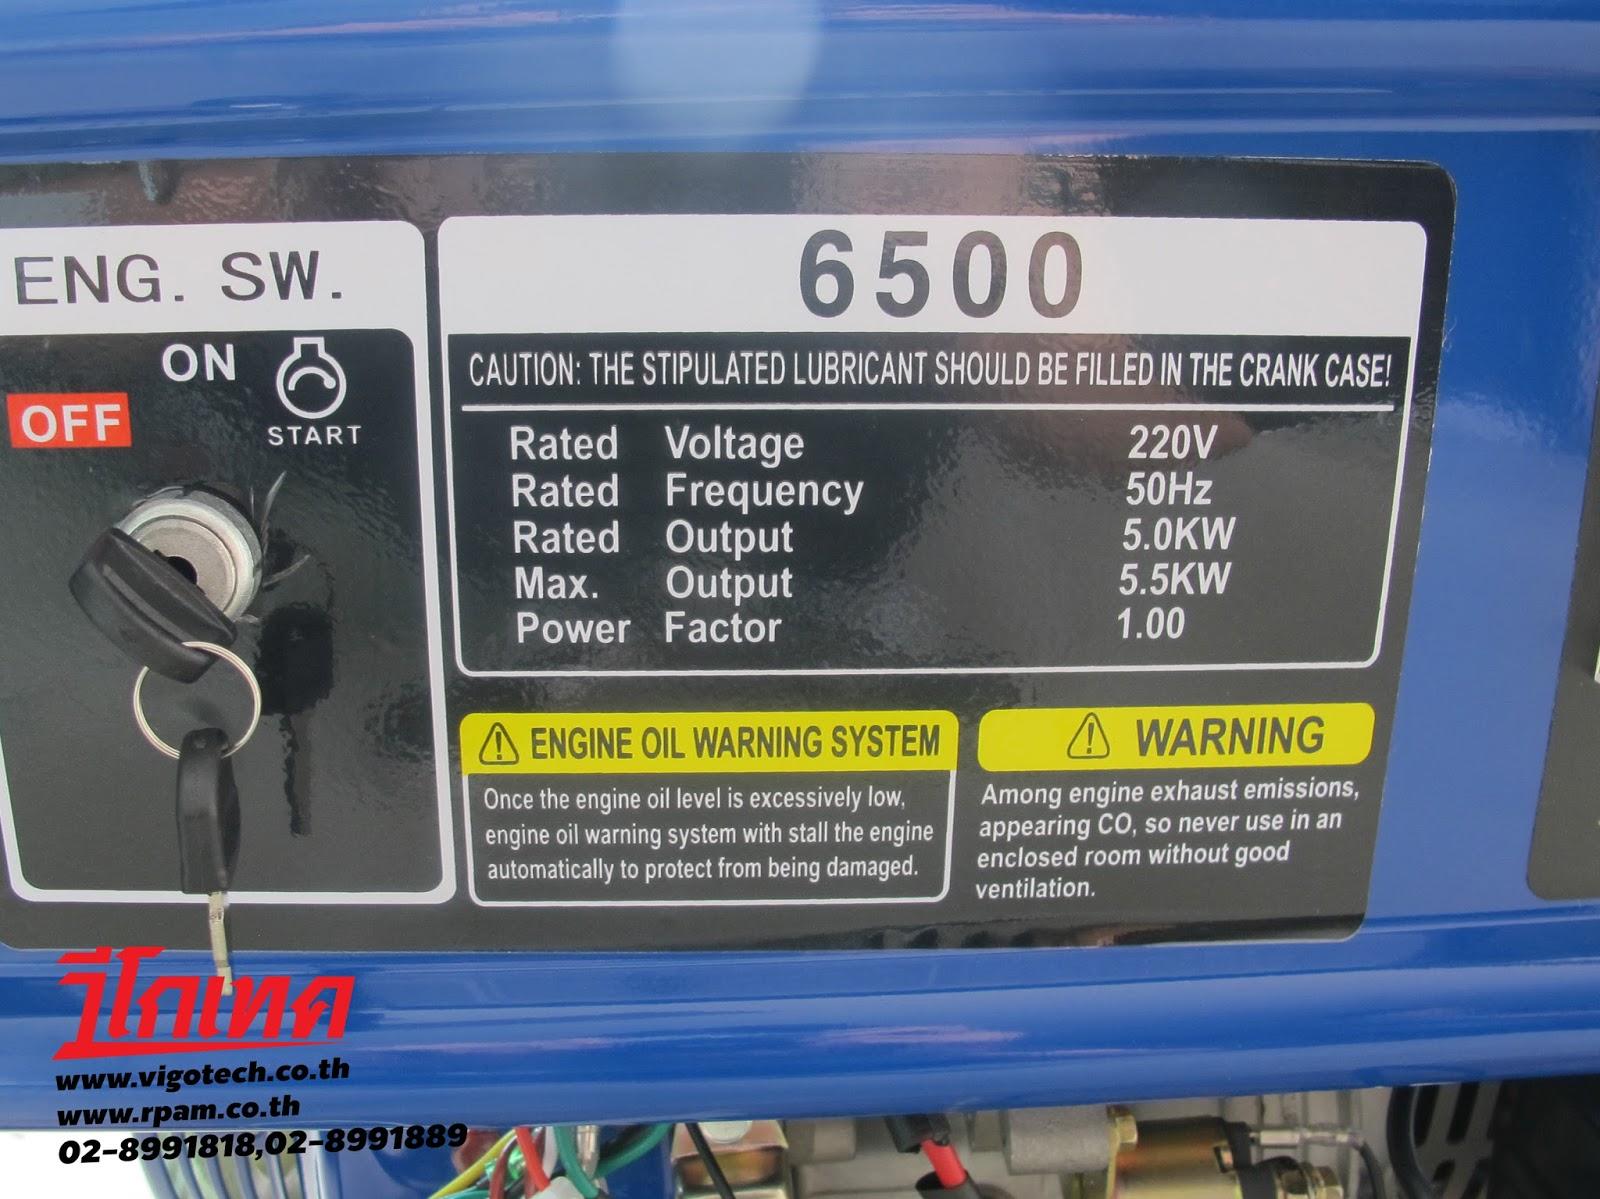 ราคาเครื่องปั่นไฟขนาดใหญ่ 5,000 วัตต์ เบนซิน 4 จังหวะ